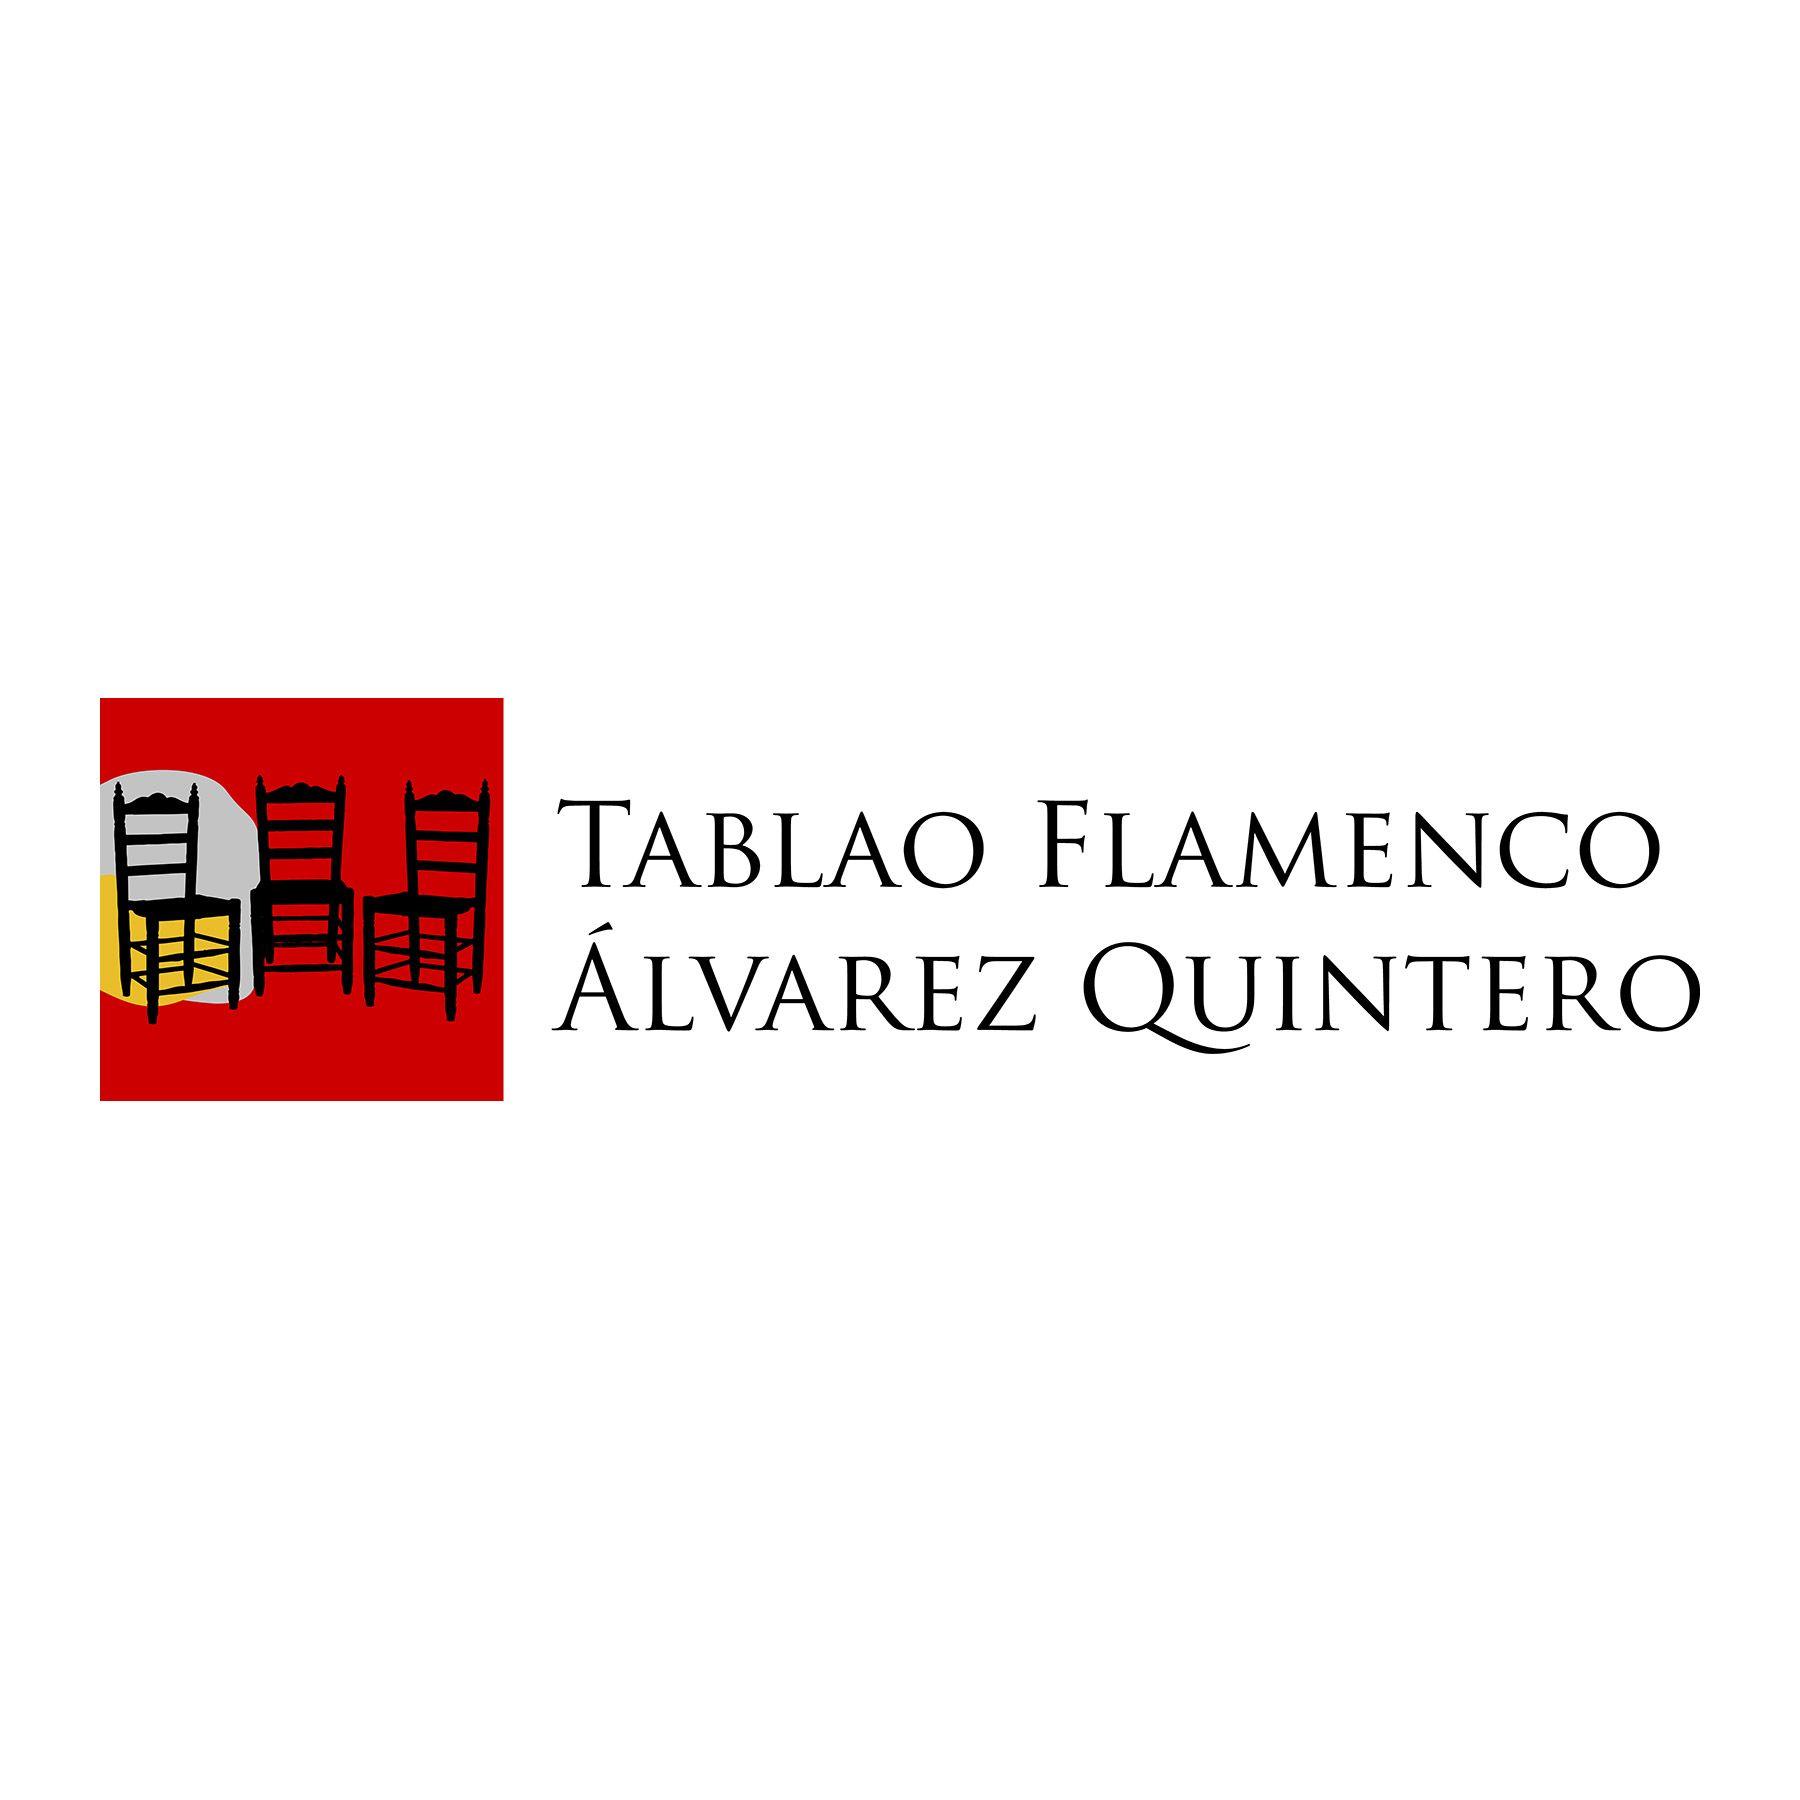 Tablao Flamenco Álvarez Quintero